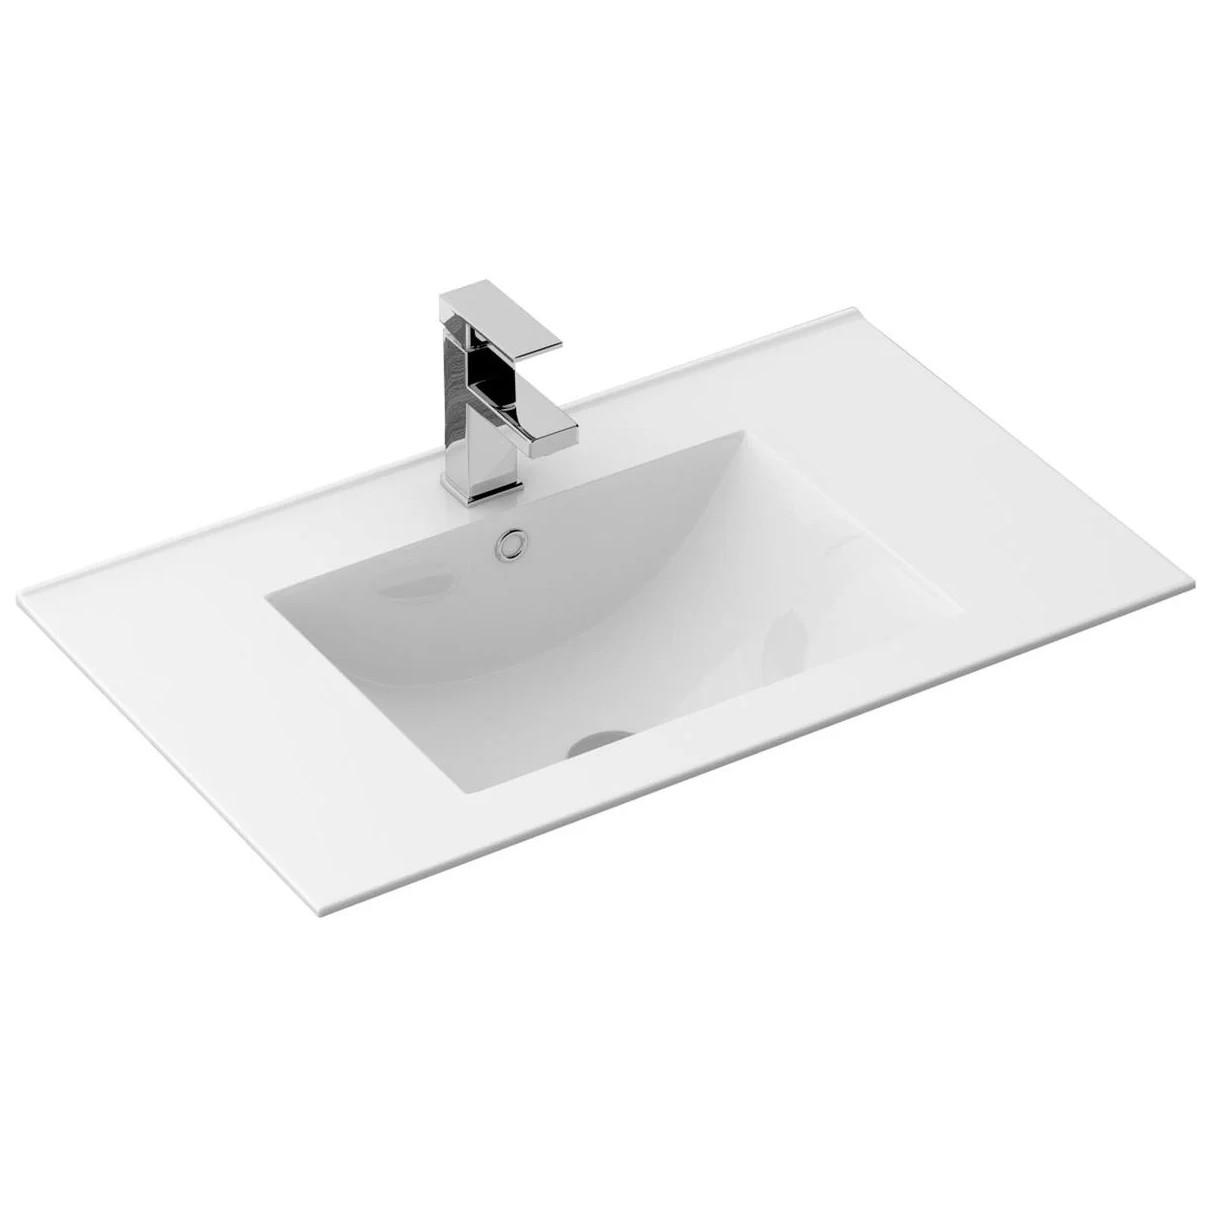 Умывальник раковина для ванной на столешницу врезной REA DAFNE 75 REA-U0040